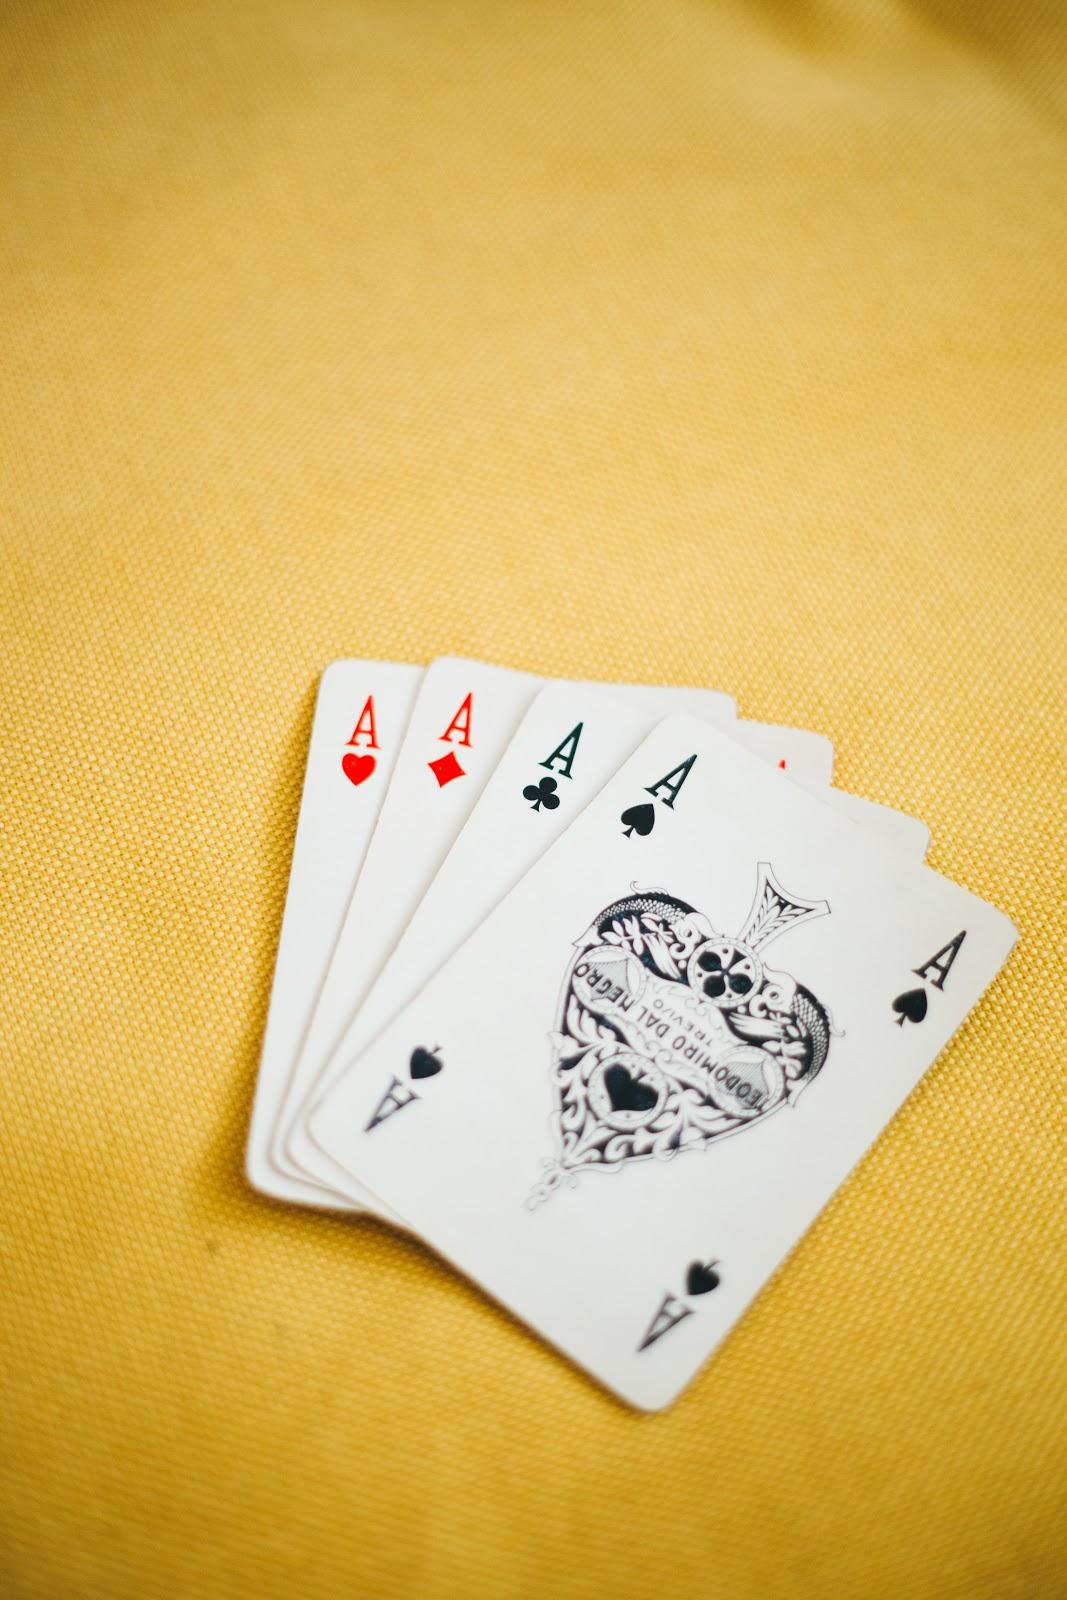 Cách chơi bài tiến lên miền trung